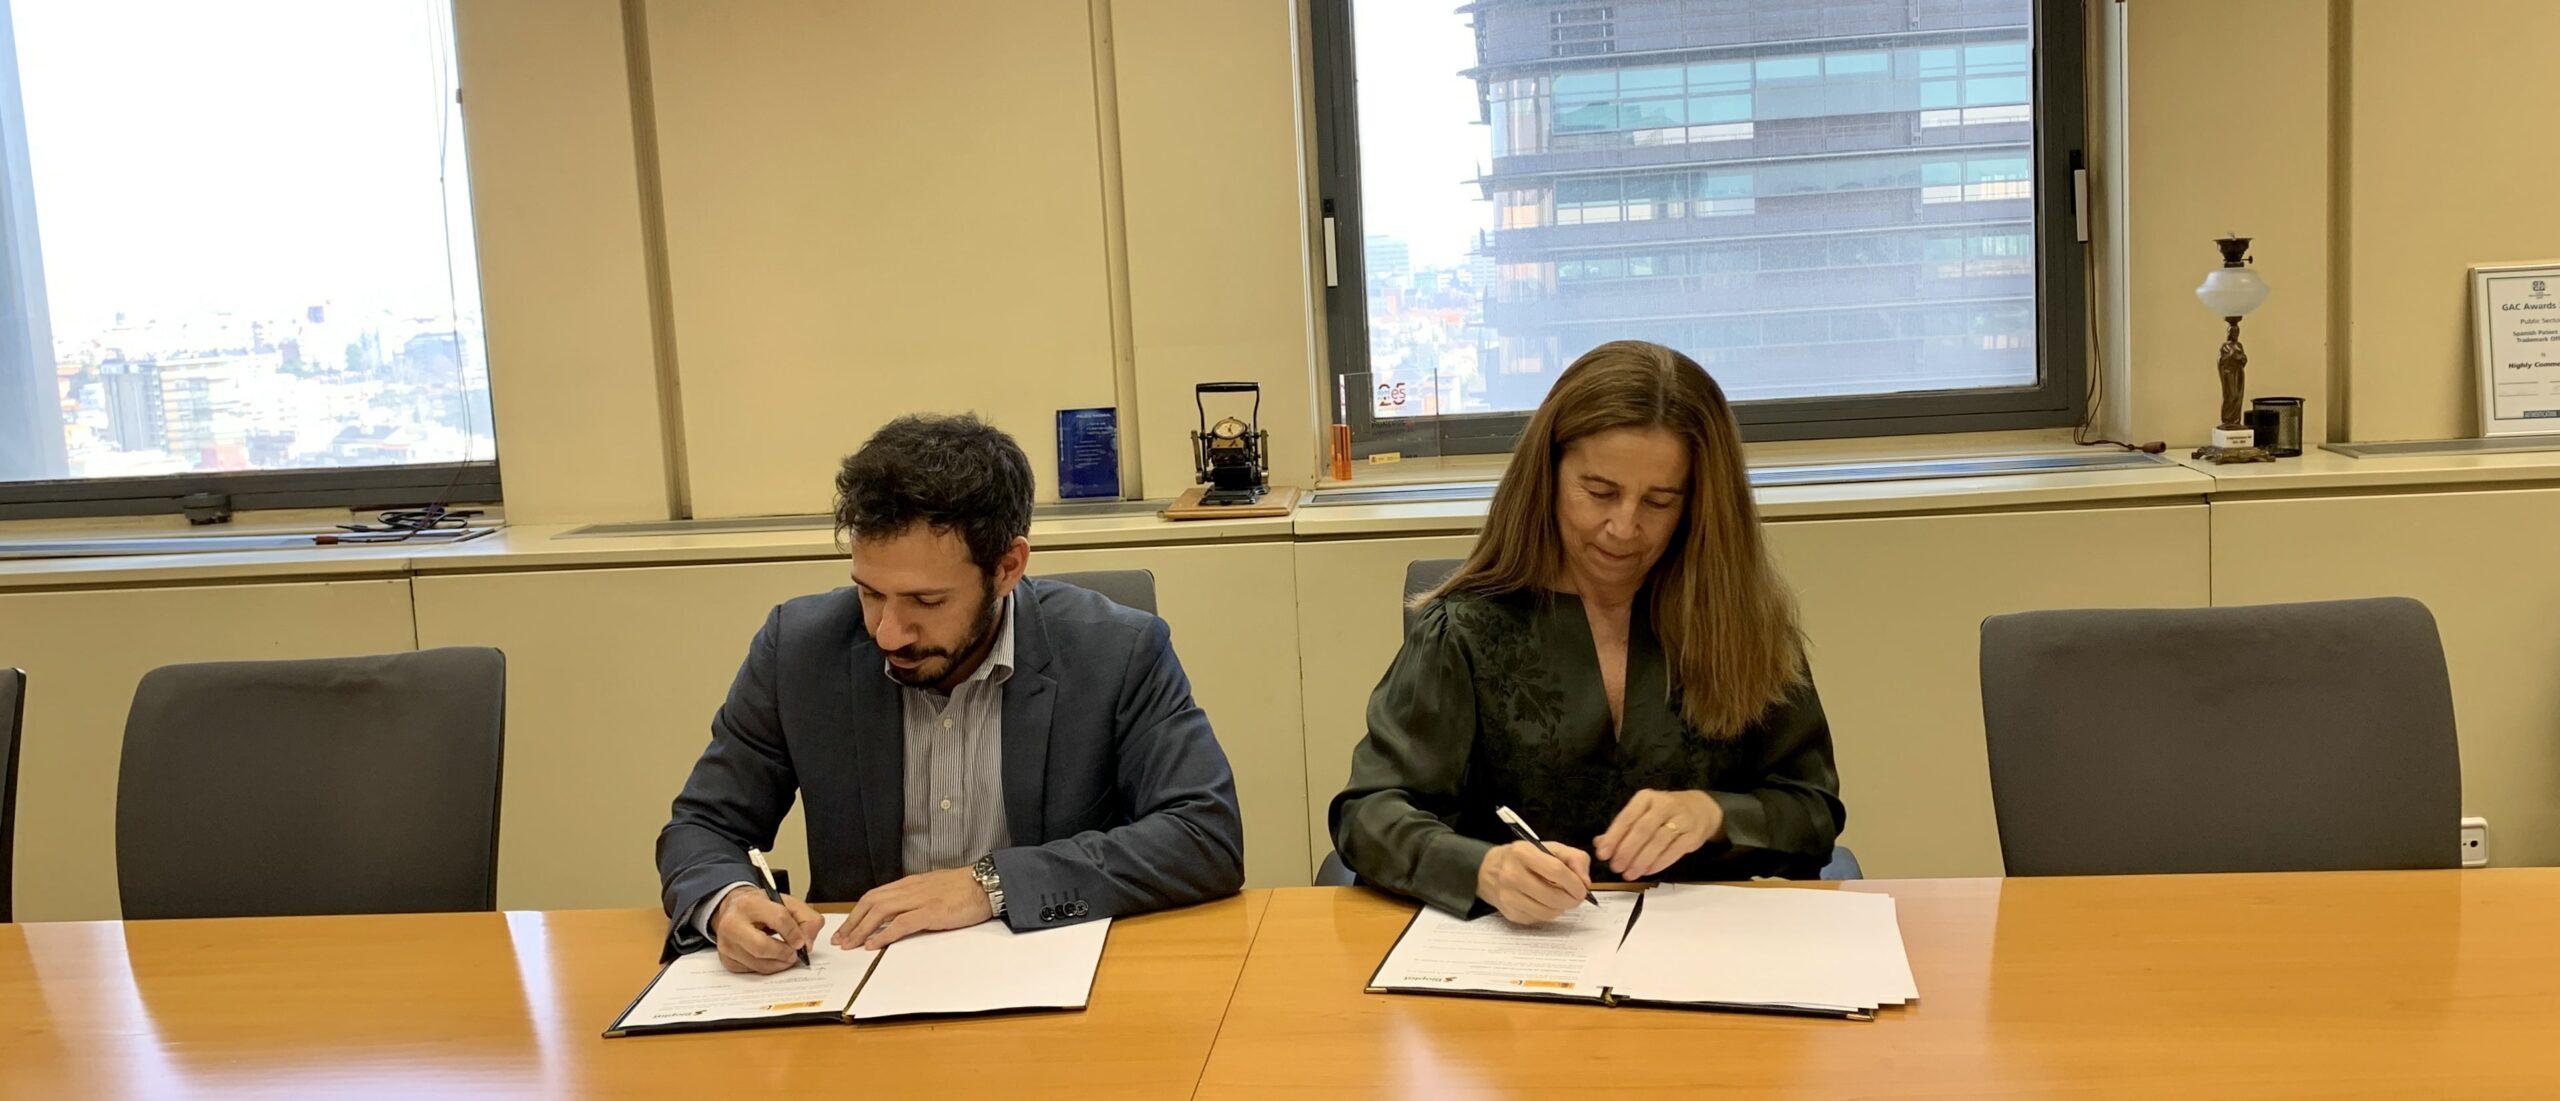 (Español) BIOPLAT y OEPM actualizan su convenio de colaboración para impulsar la competitividad de la industria española en el campo de la biomasa, la bioenergía y los bioproductos